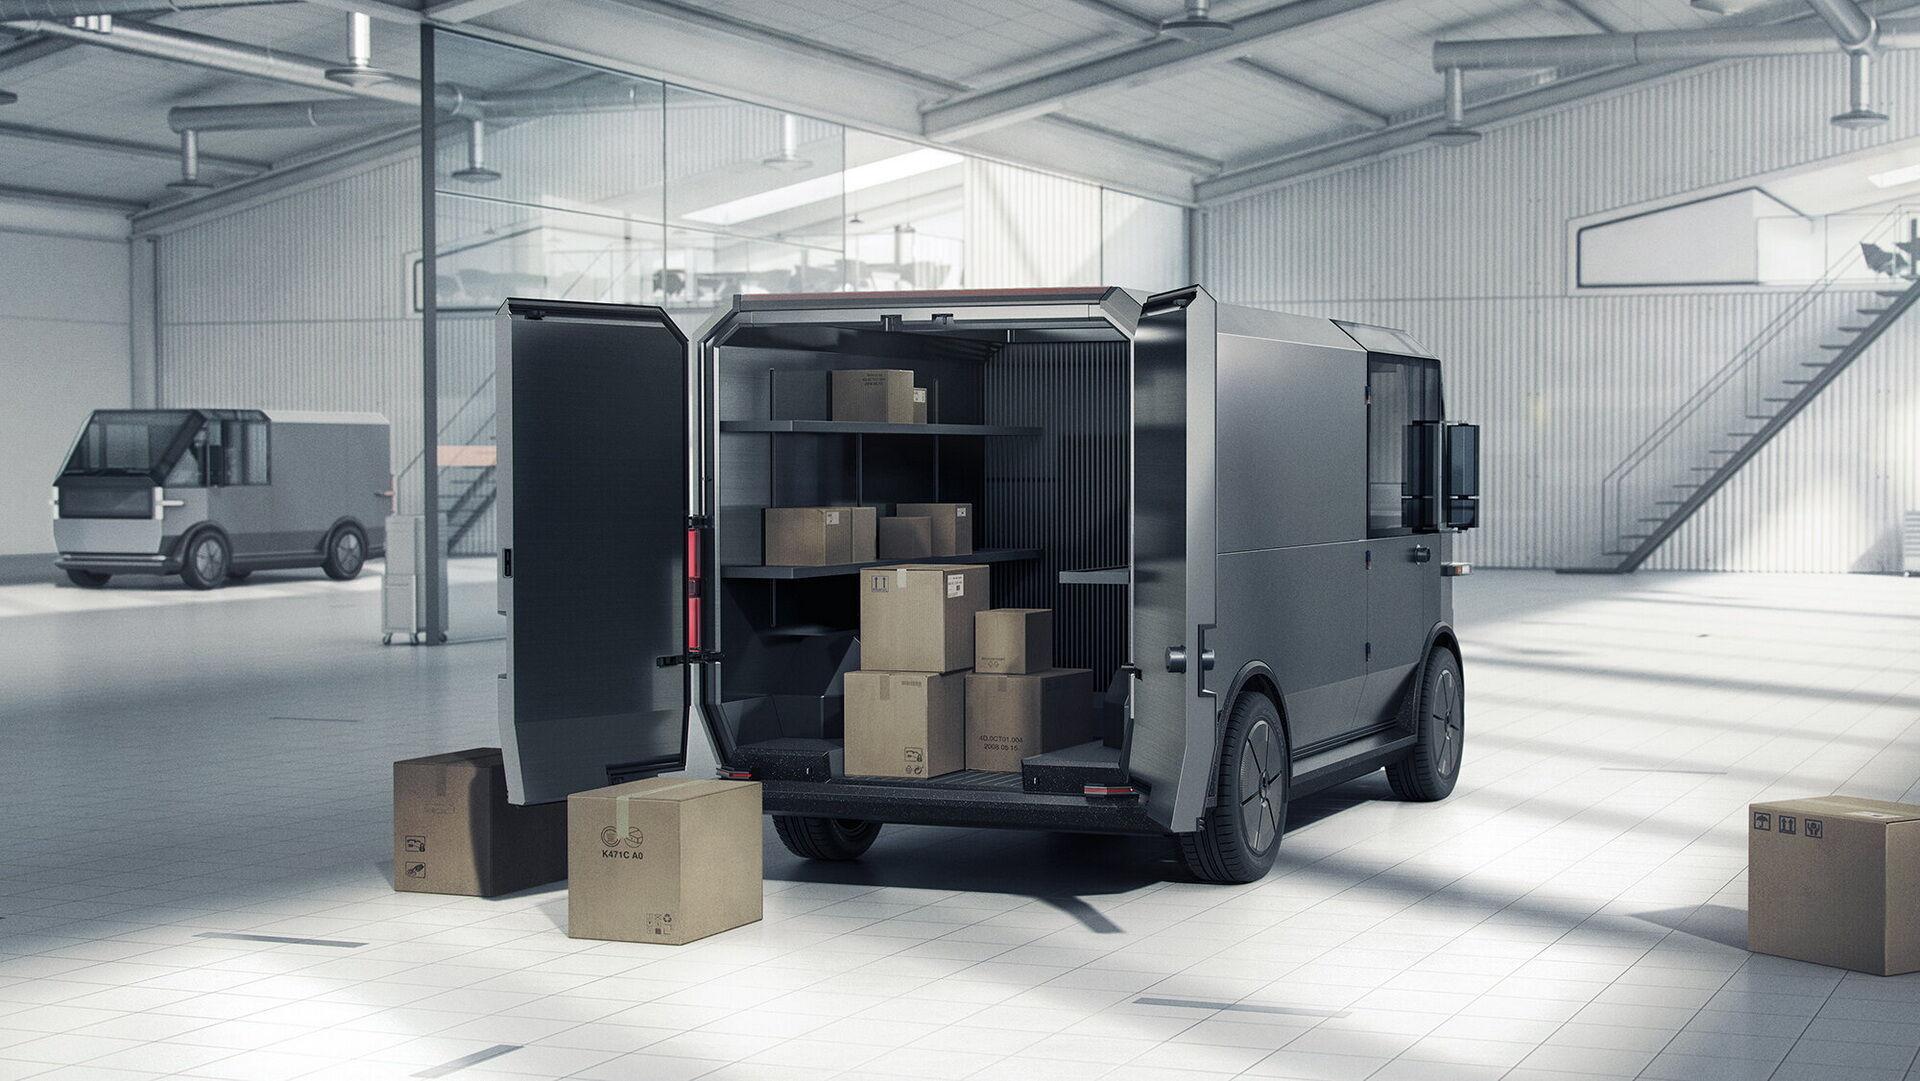 Залежно від версії MPDV має об'єм вантажного відсіку від 6,5 до 12,7 м куб.